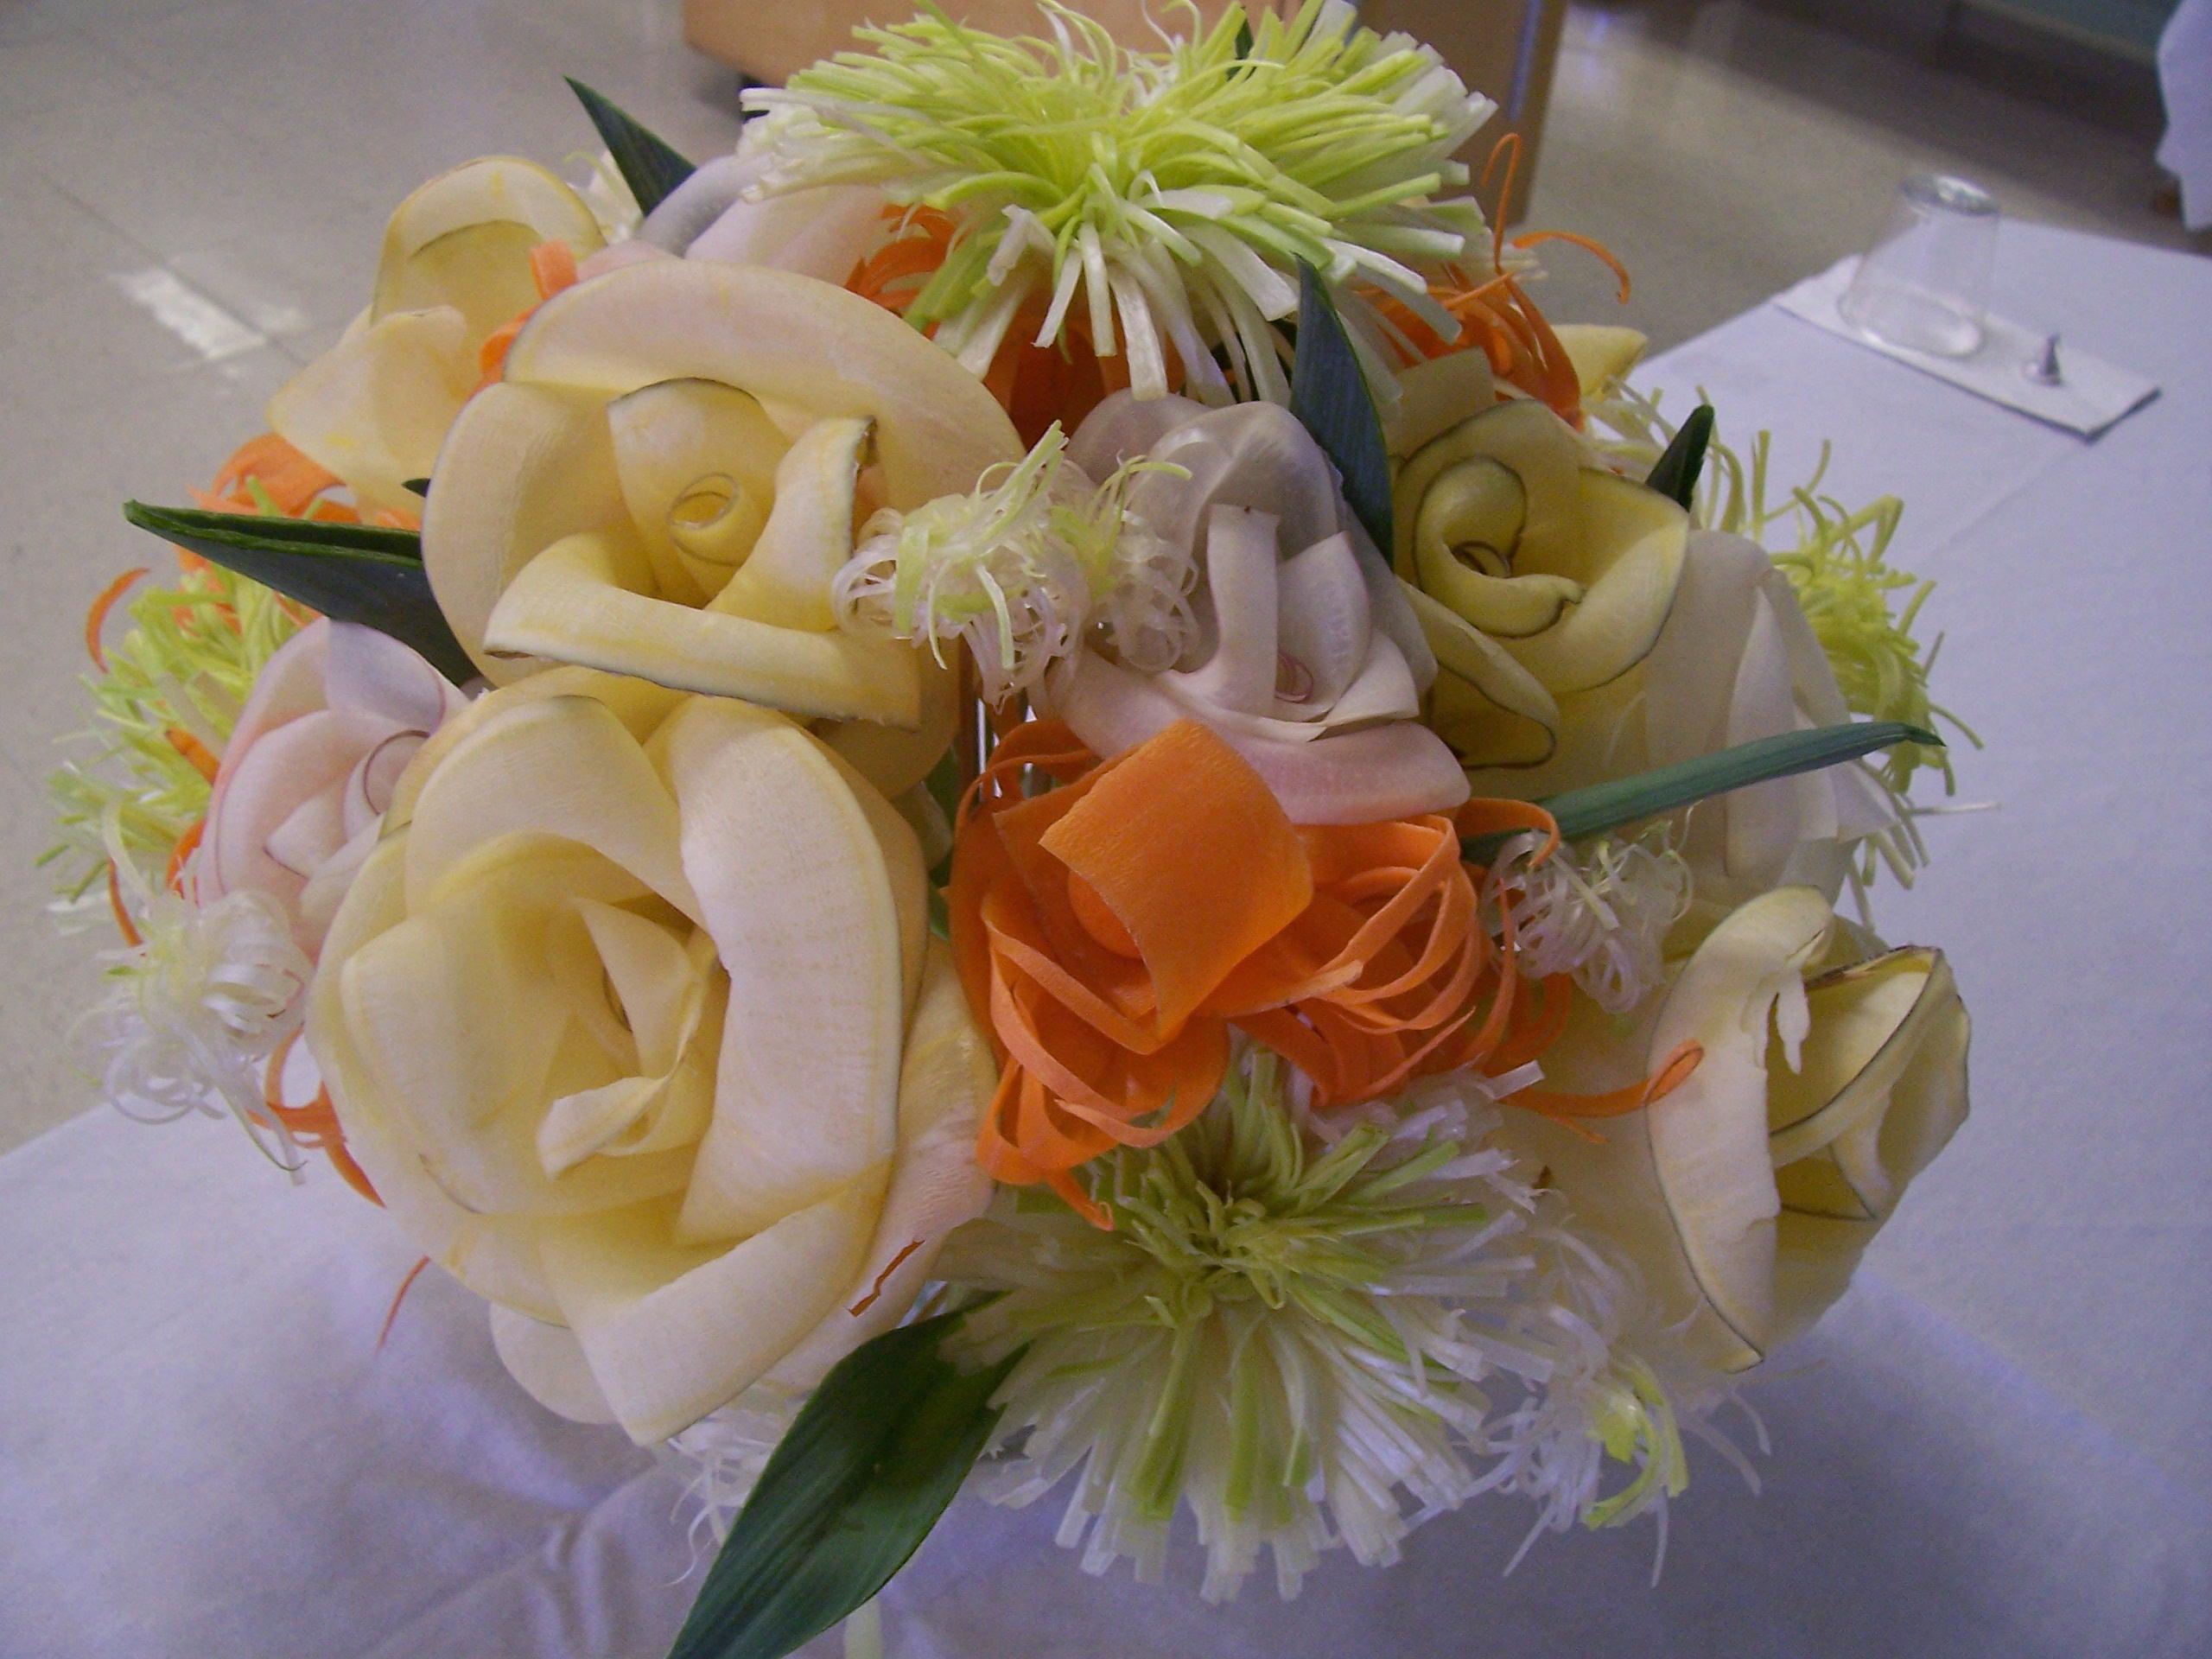 vegetable-flowers-006